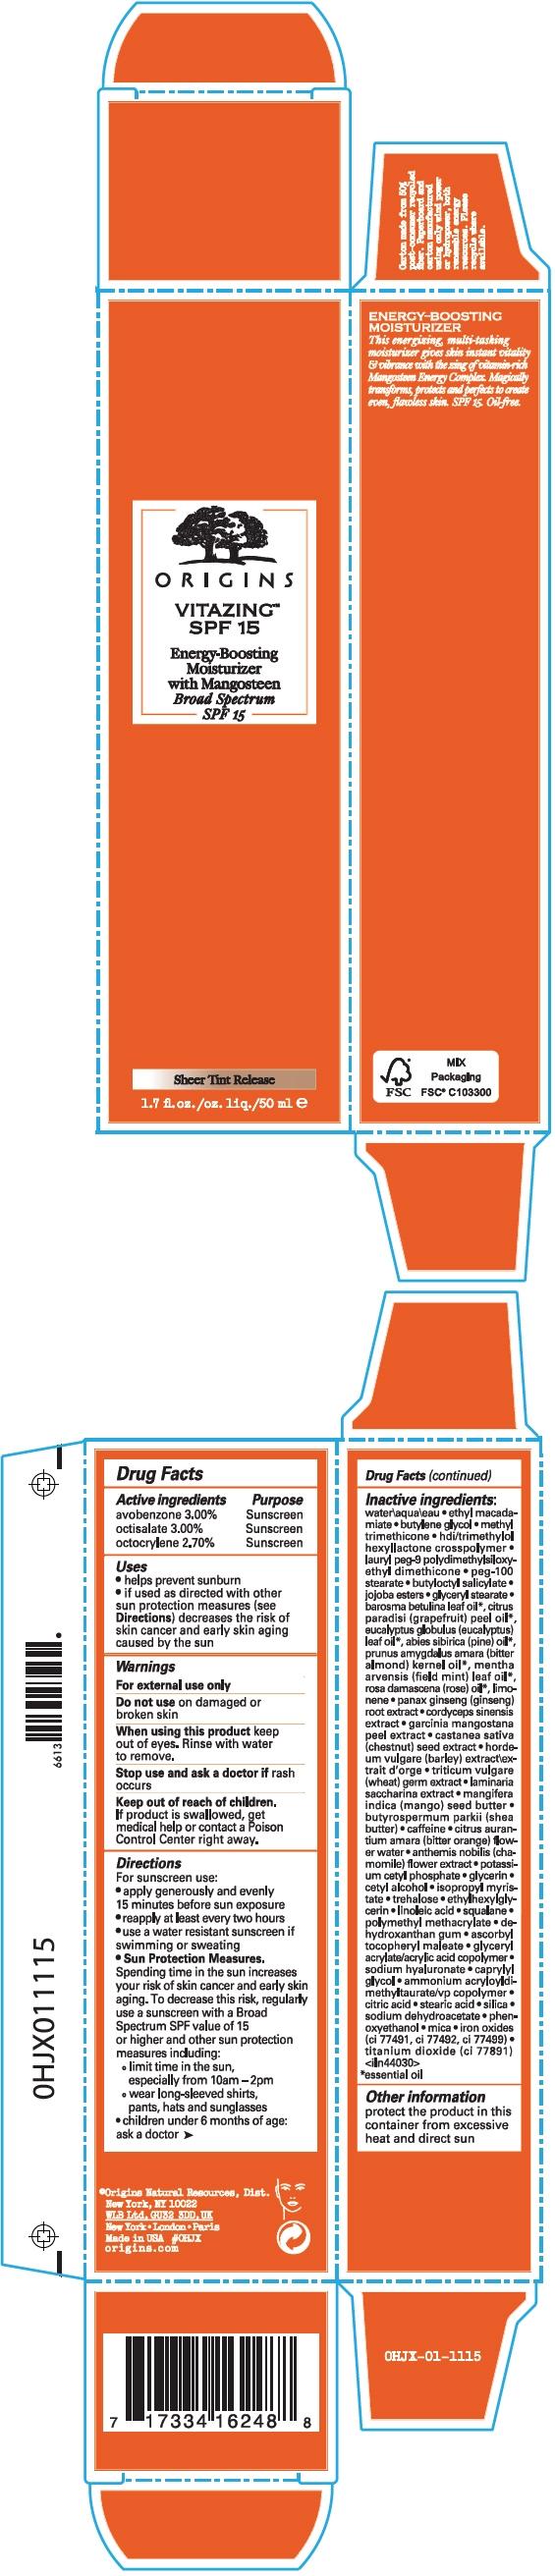 PRINCIPAL DISPLAY PANEL - 50 ml Tube Carton